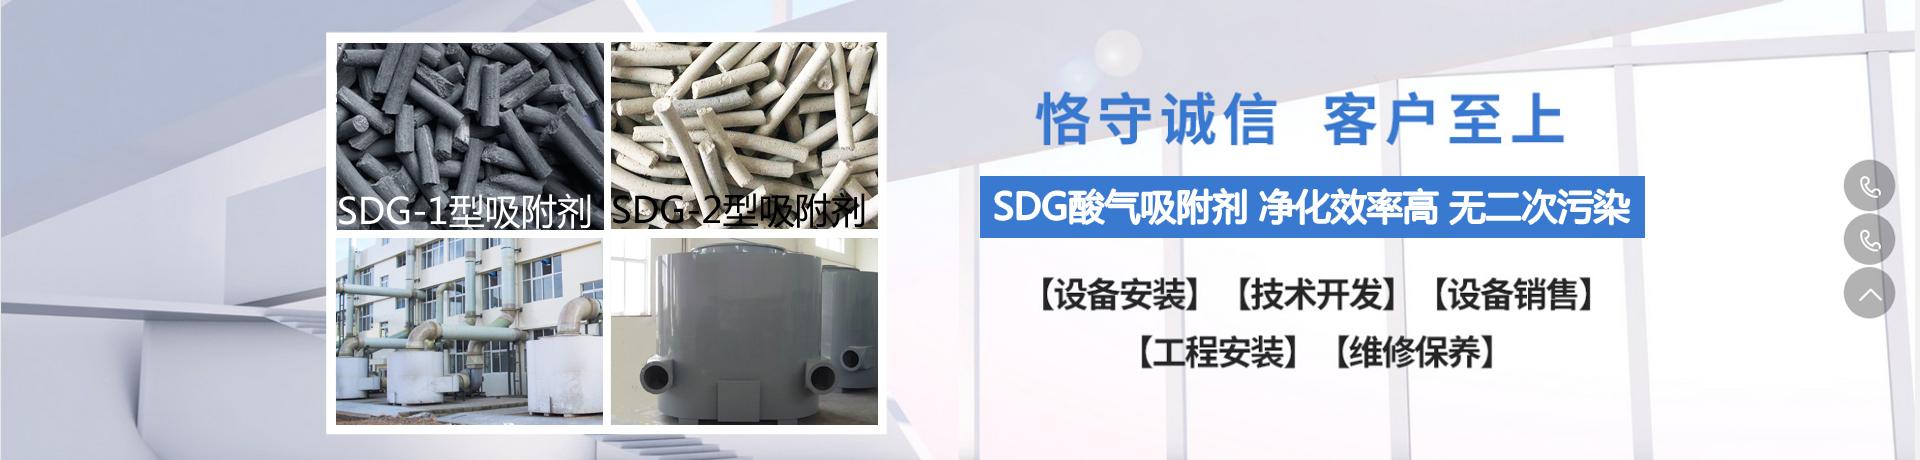 专业生产SDG吸附剂,及配套设备